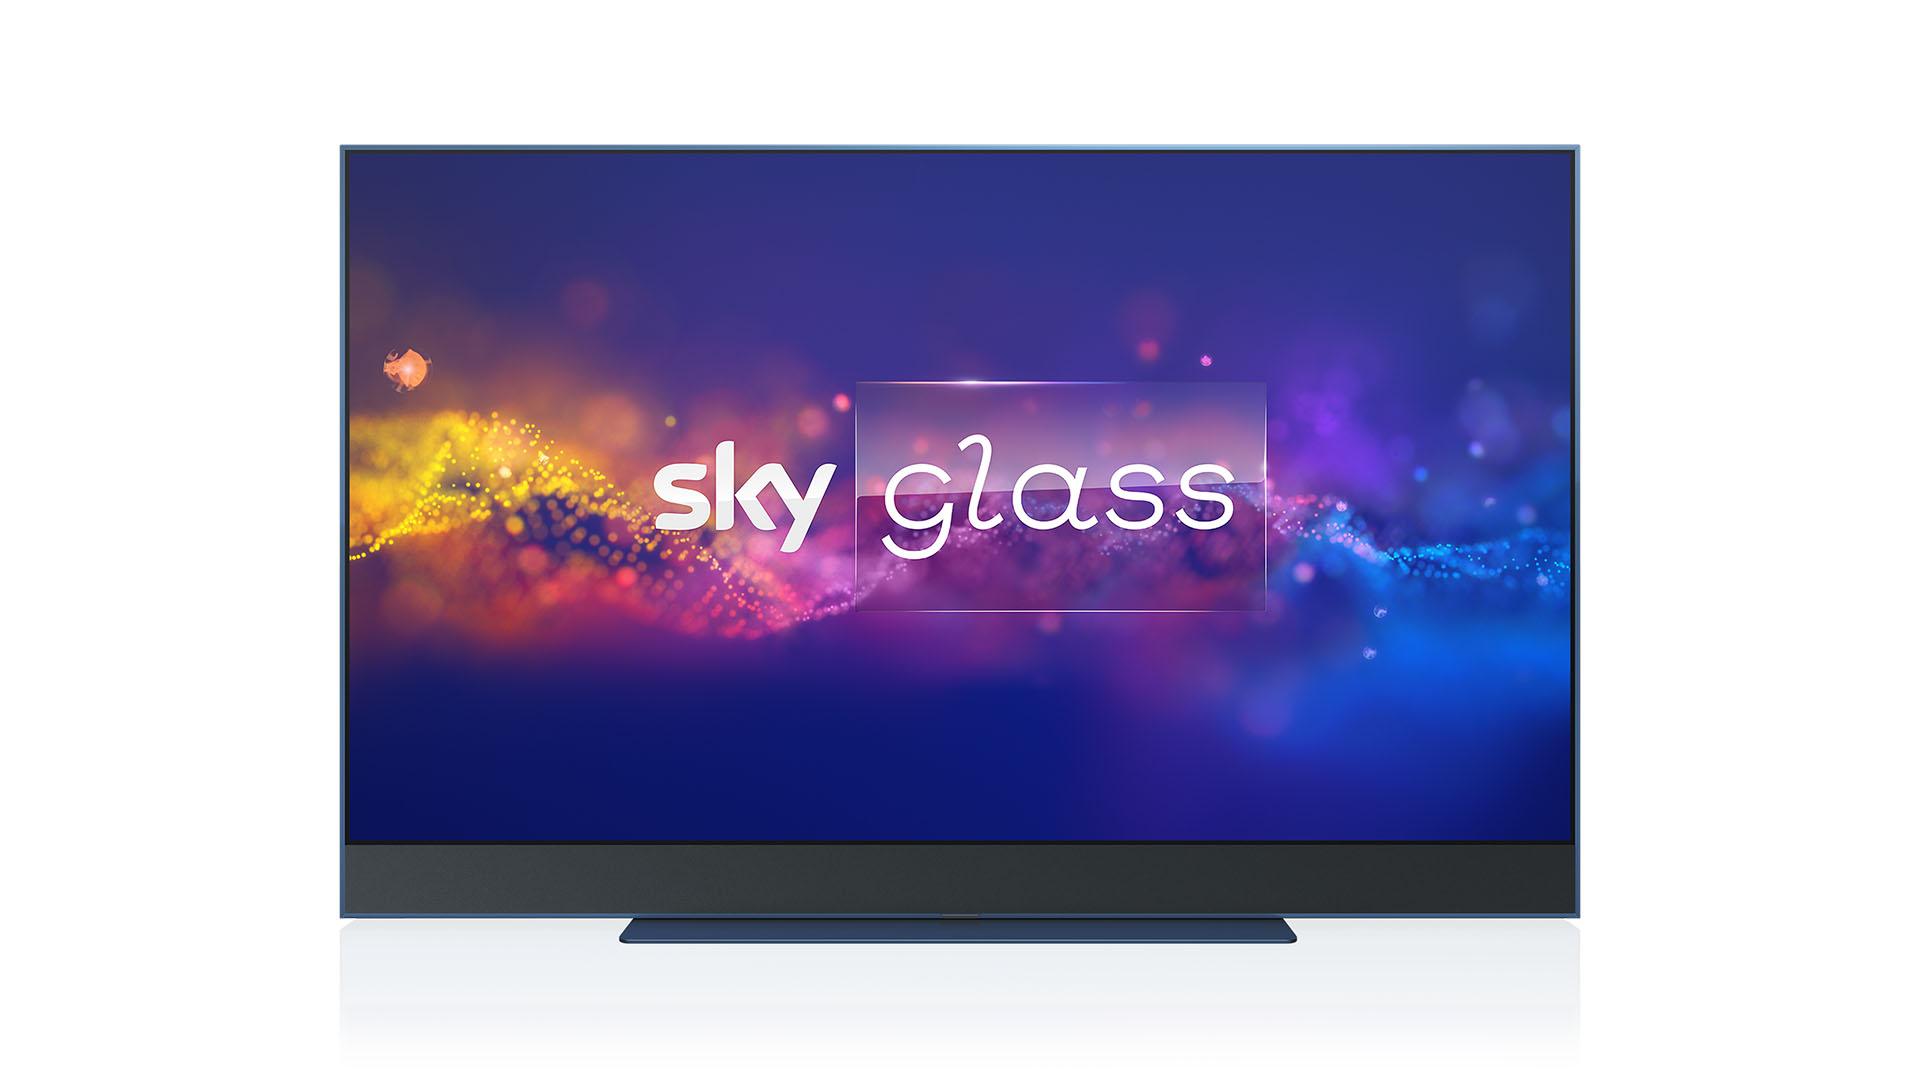 Sky Glass. Image: Sky.